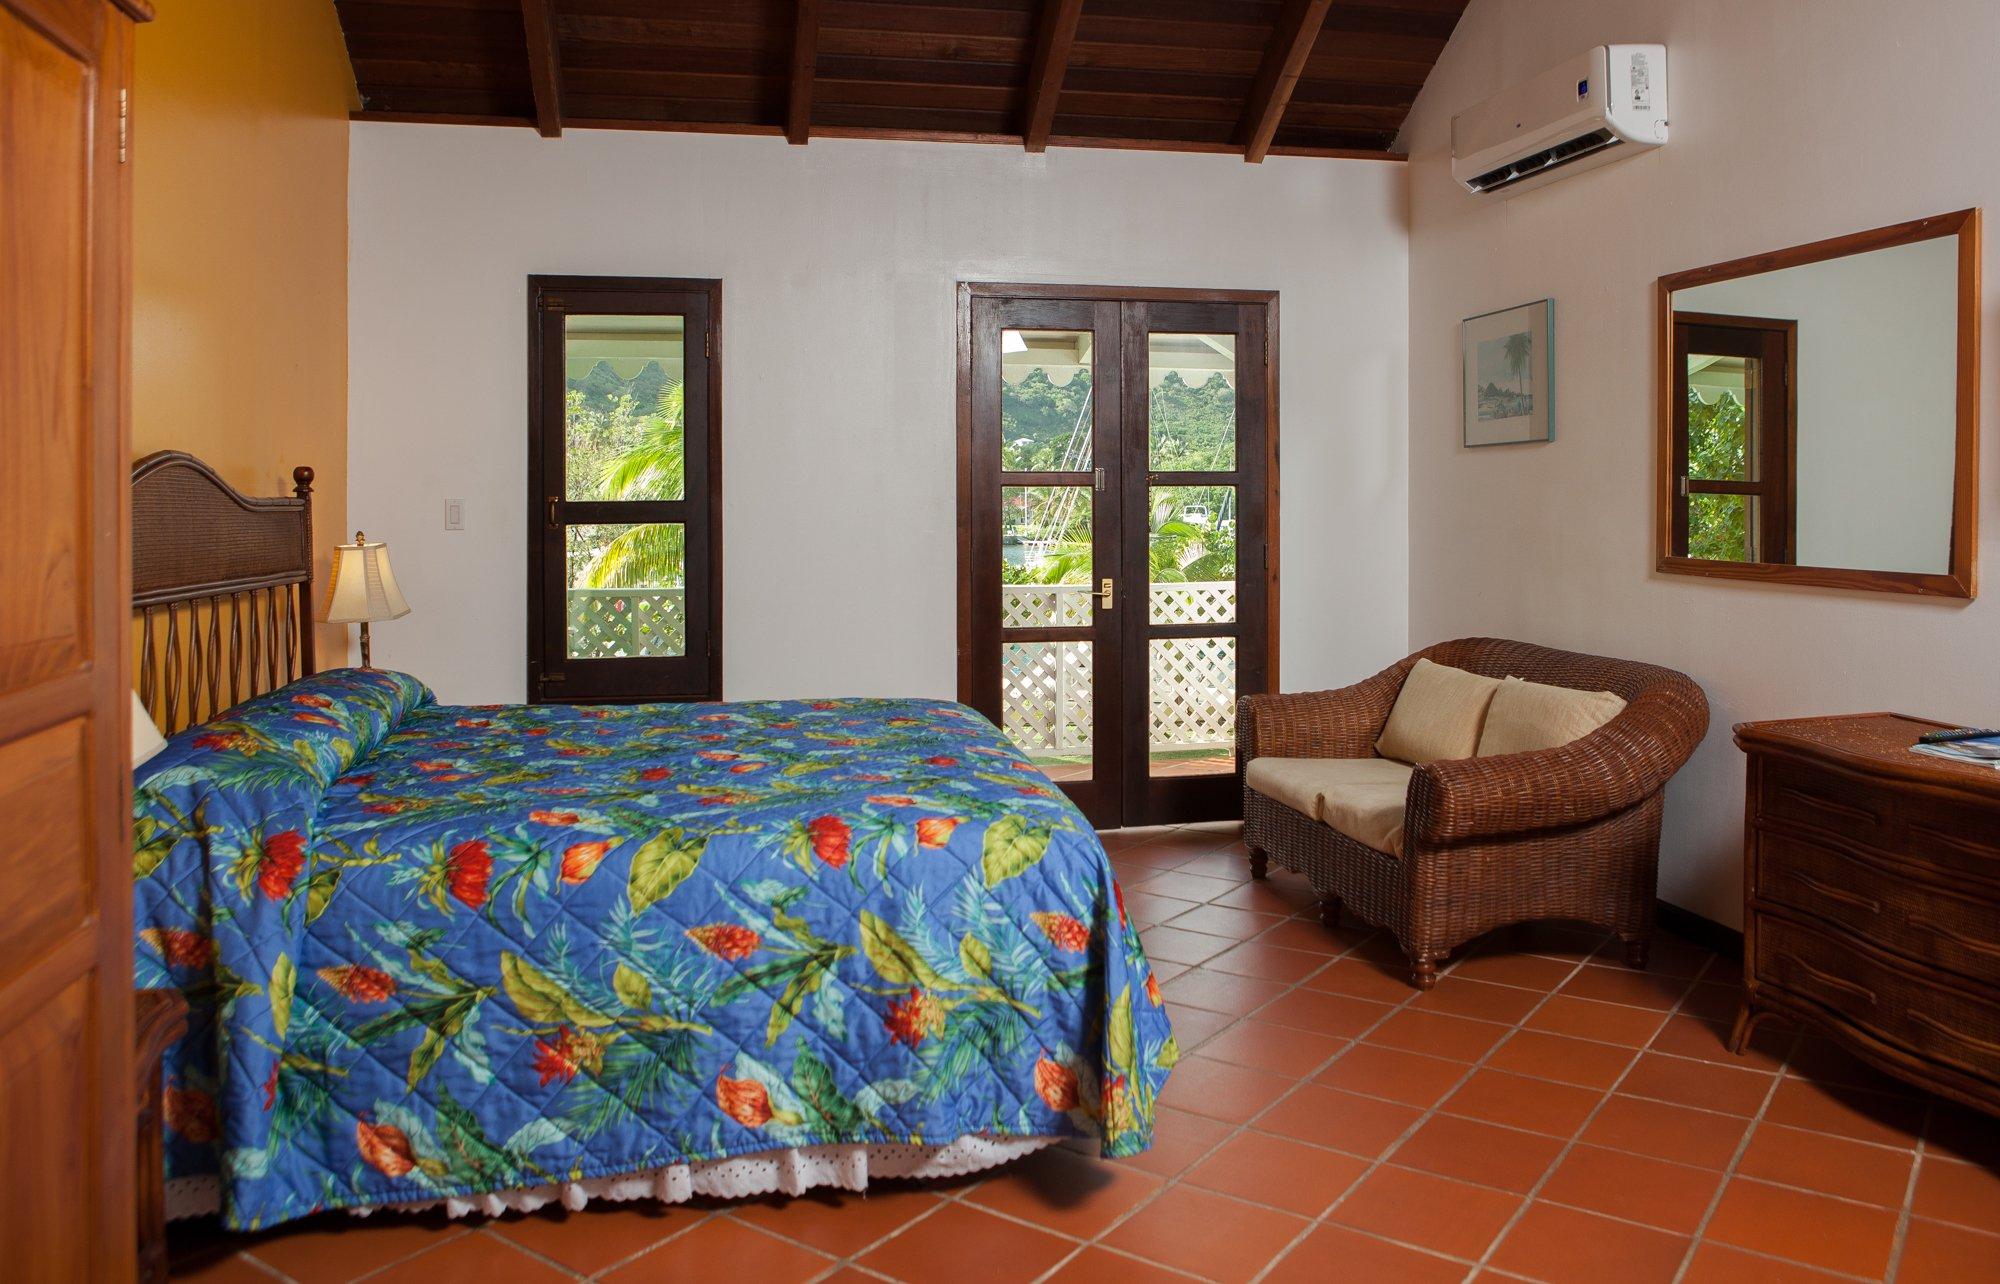 Nanny Cay Marina & Hotel